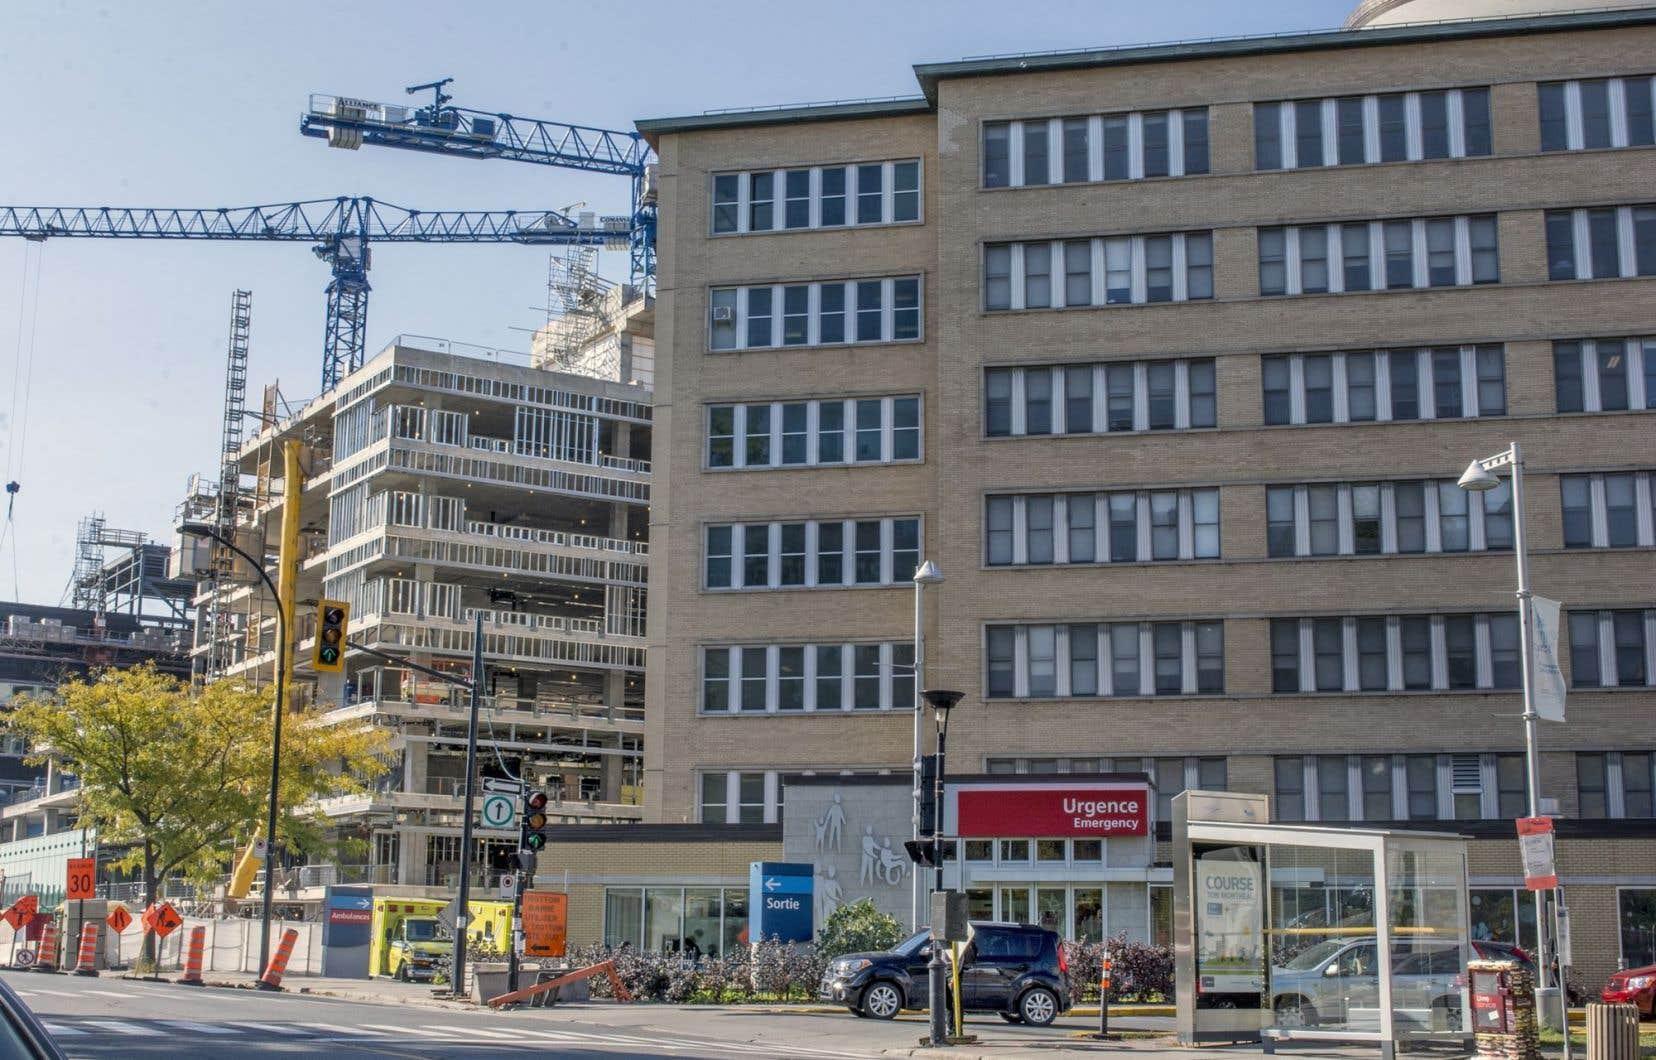 L'ajout d'un pavillon agrandira de 65 % la superficie de l'hôpital. La construction de celui-ci battait son plein, en octobre 2014.